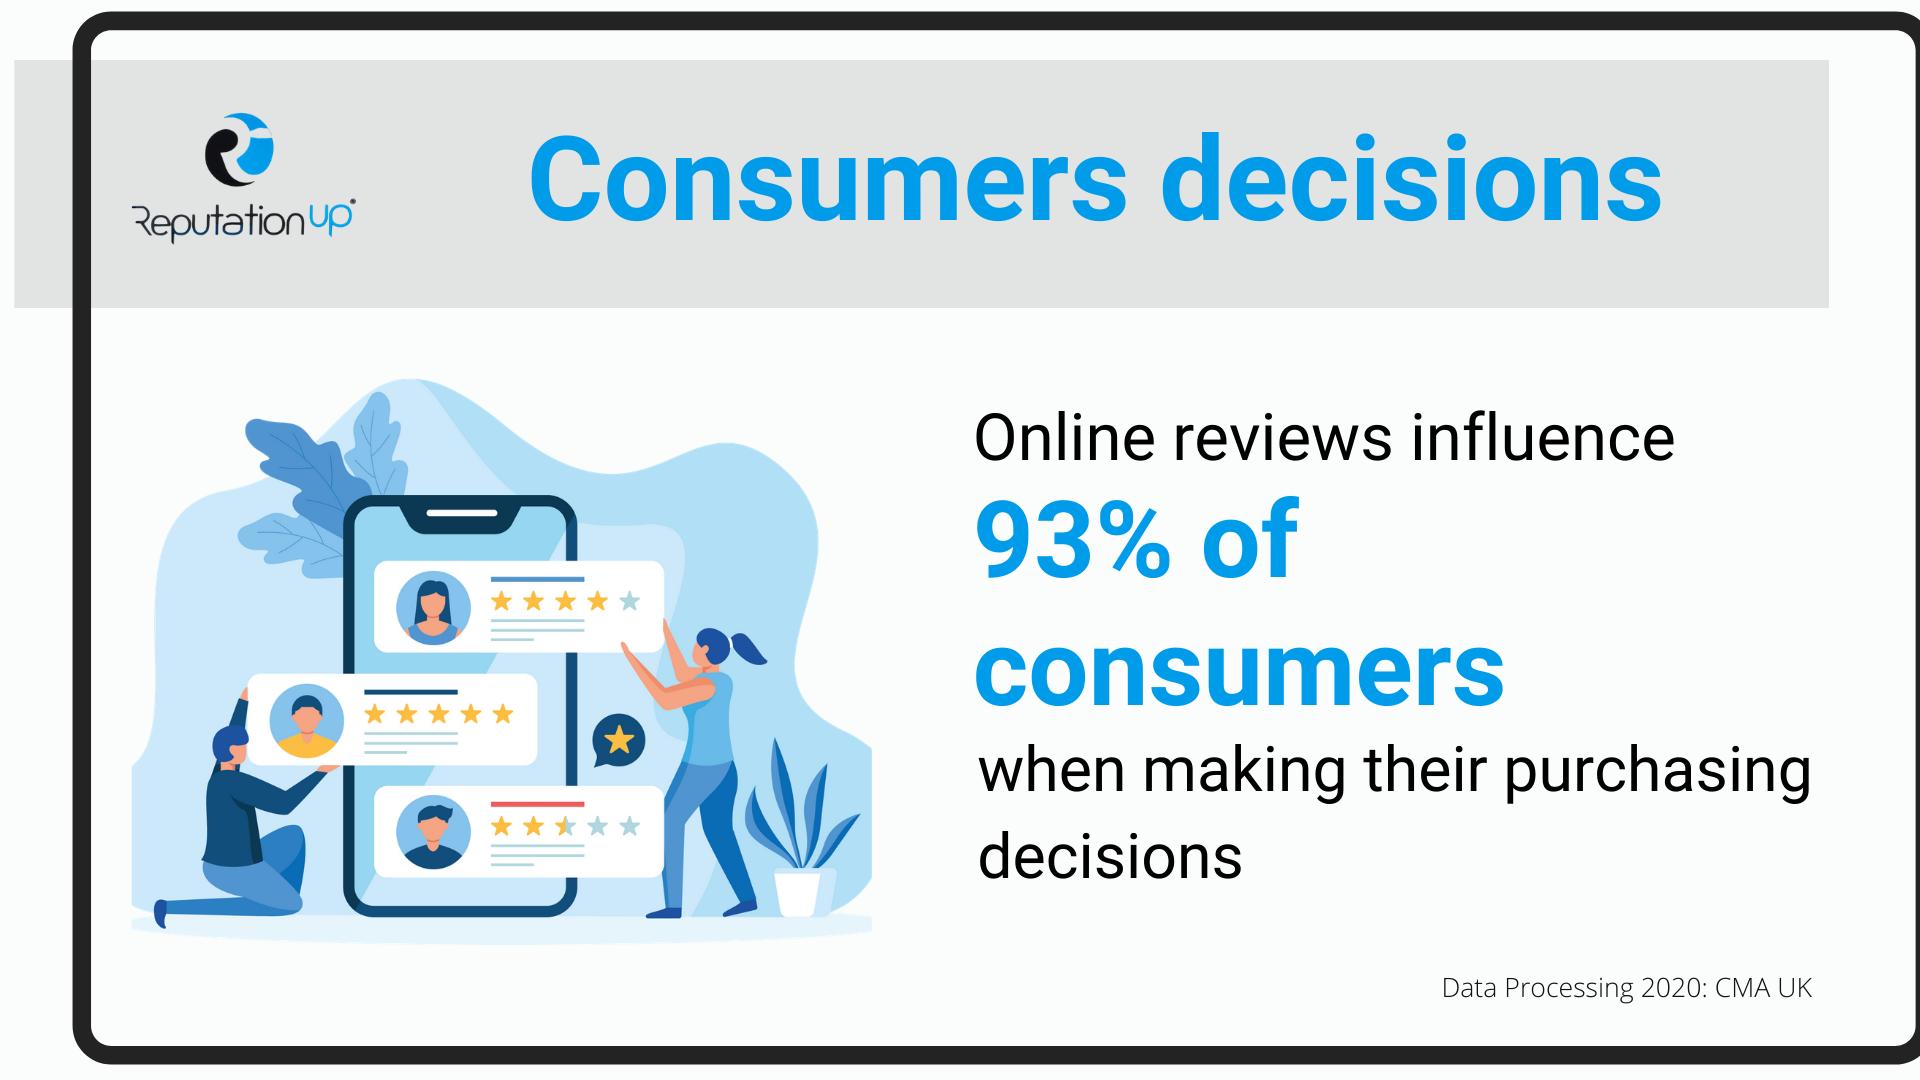 consumers decisions